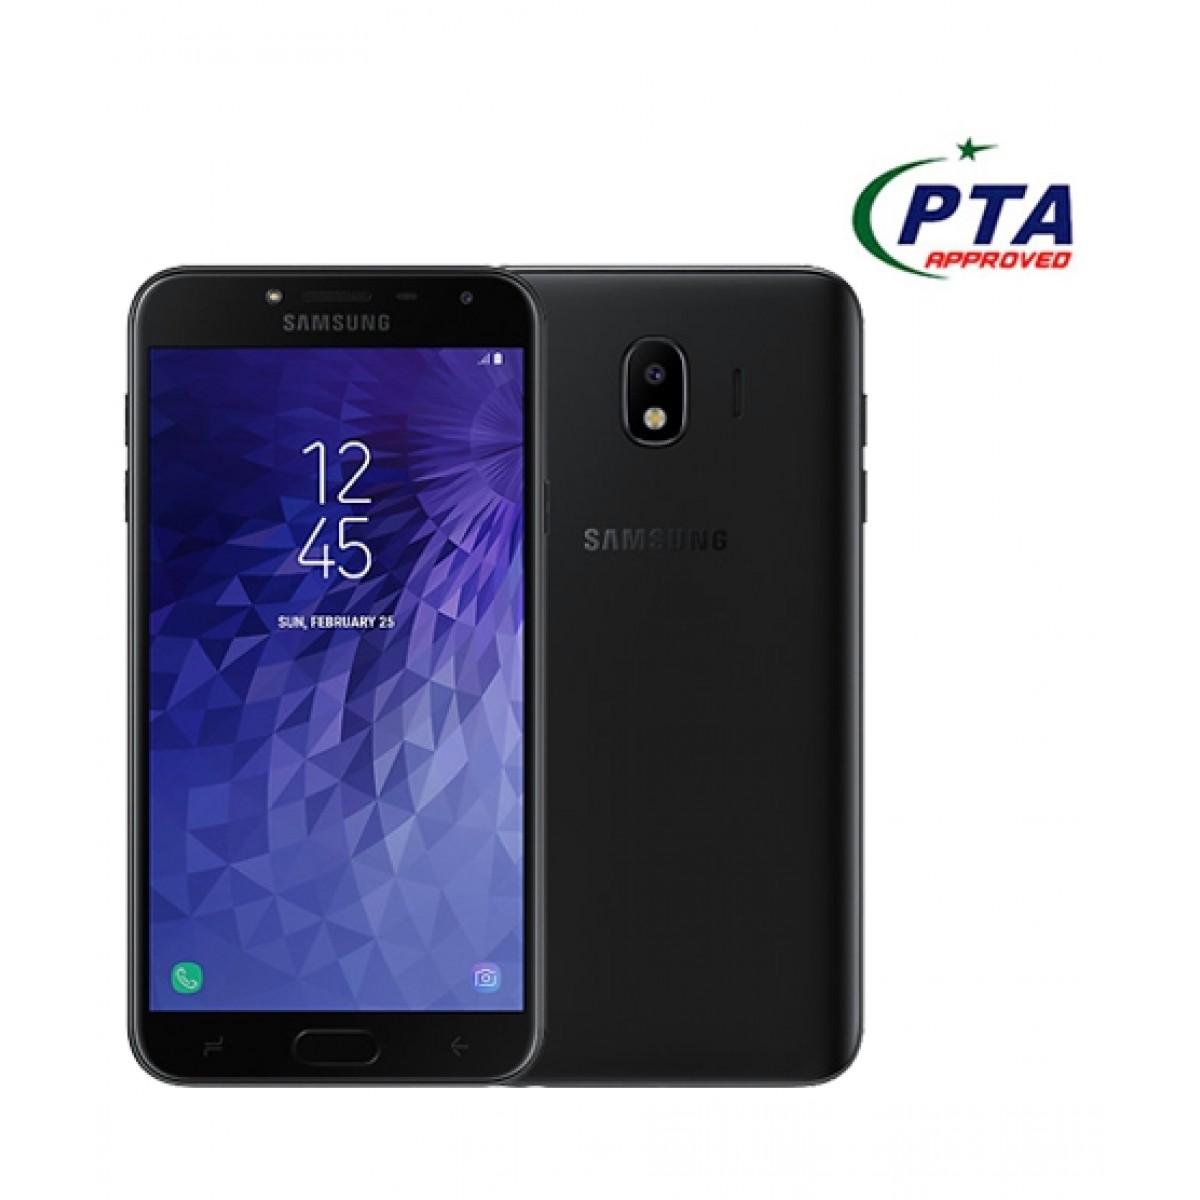 Samsung Galaxy J4 16GB Dual Sim Black (J400FD) - Official Warranty